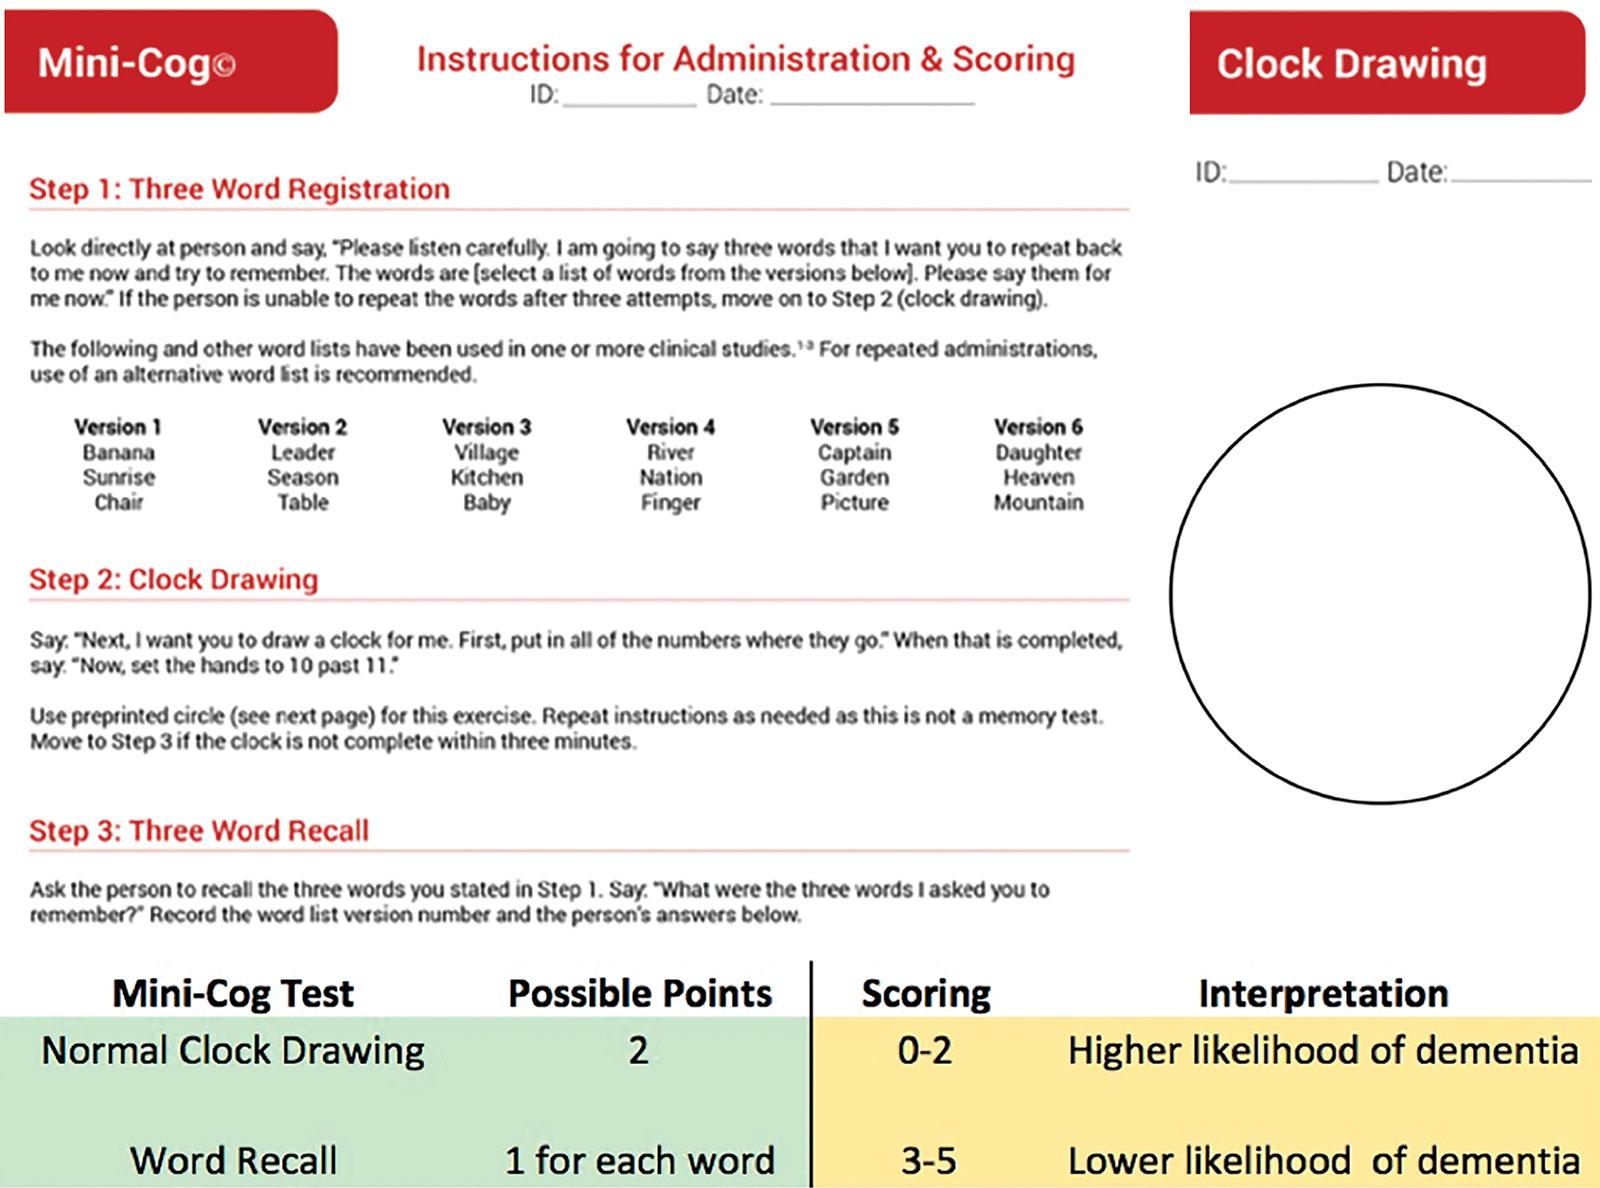 """Figura 1. Prueba de detección cognitiva breve Mini-Cog. Consta de tres pasos que incluyen un puntaje de precisión al """"dibujar un reloj"""" y """"recordar tres palabras"""" a fin de obtener un resultado acumulativo que puede favorecer la detección de deficiencias cognitivas.<br /><br />Reproducido con la autorización de Soo Borson, MD."""